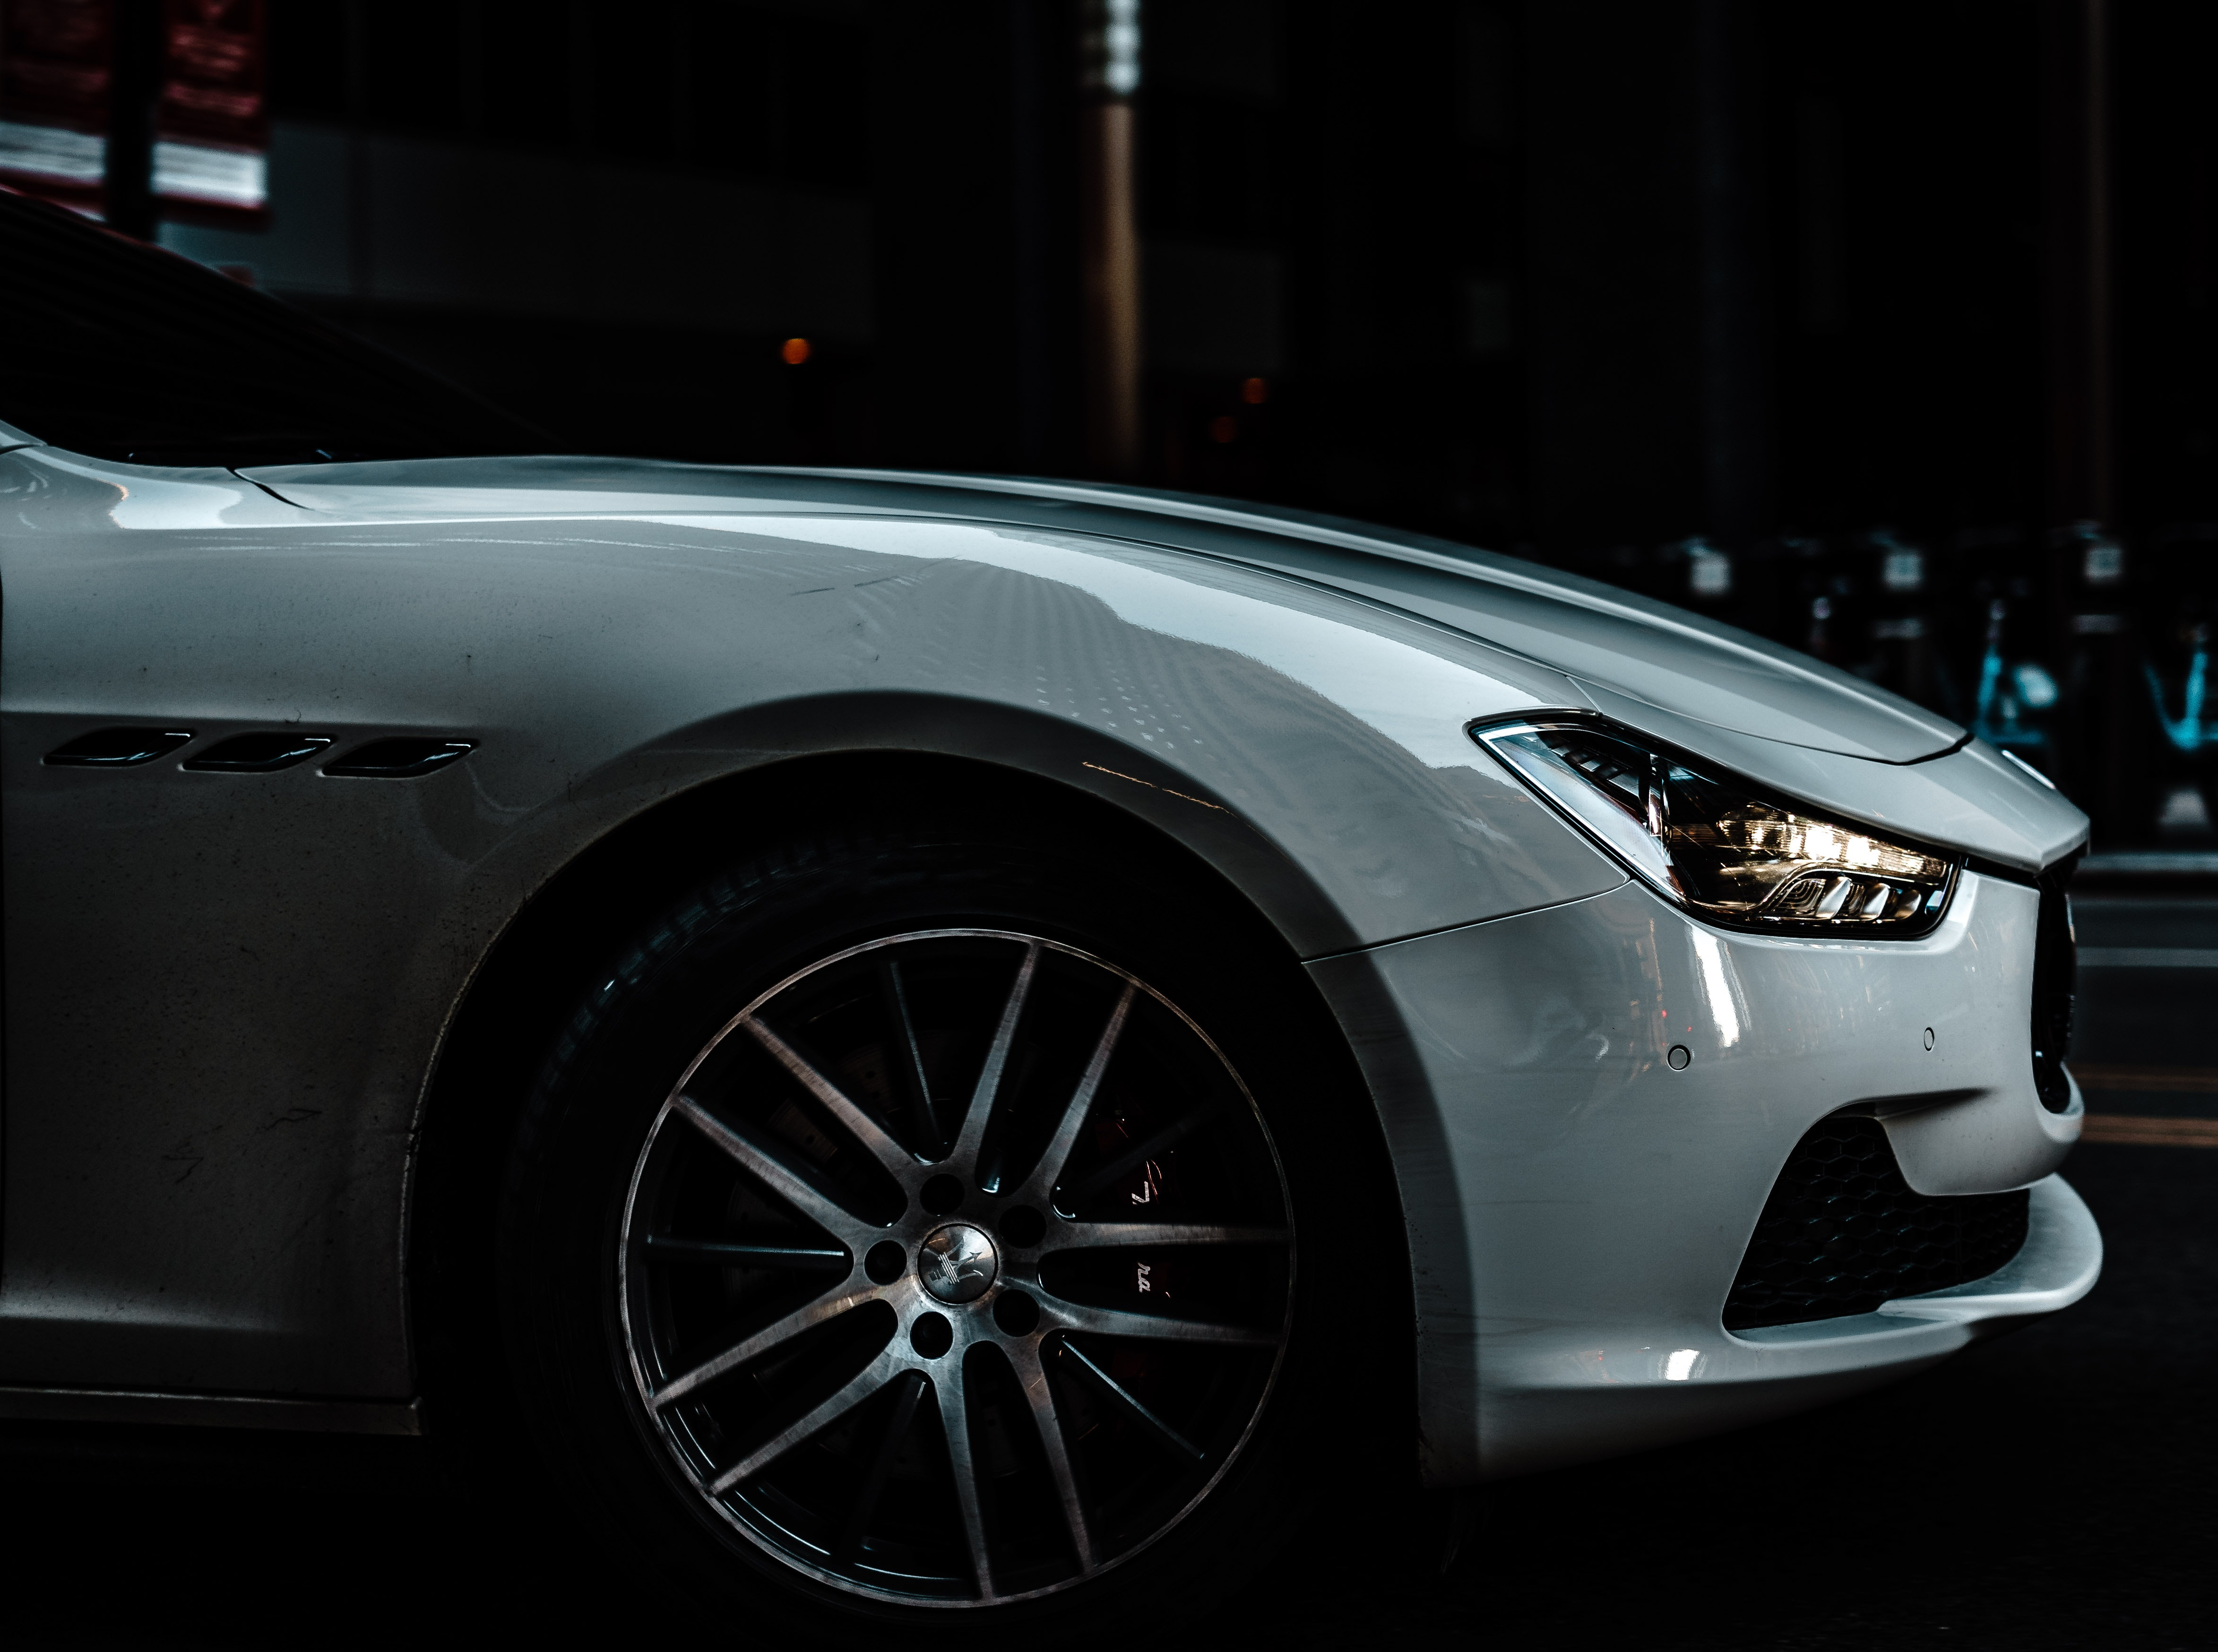 Car Photography Close Up